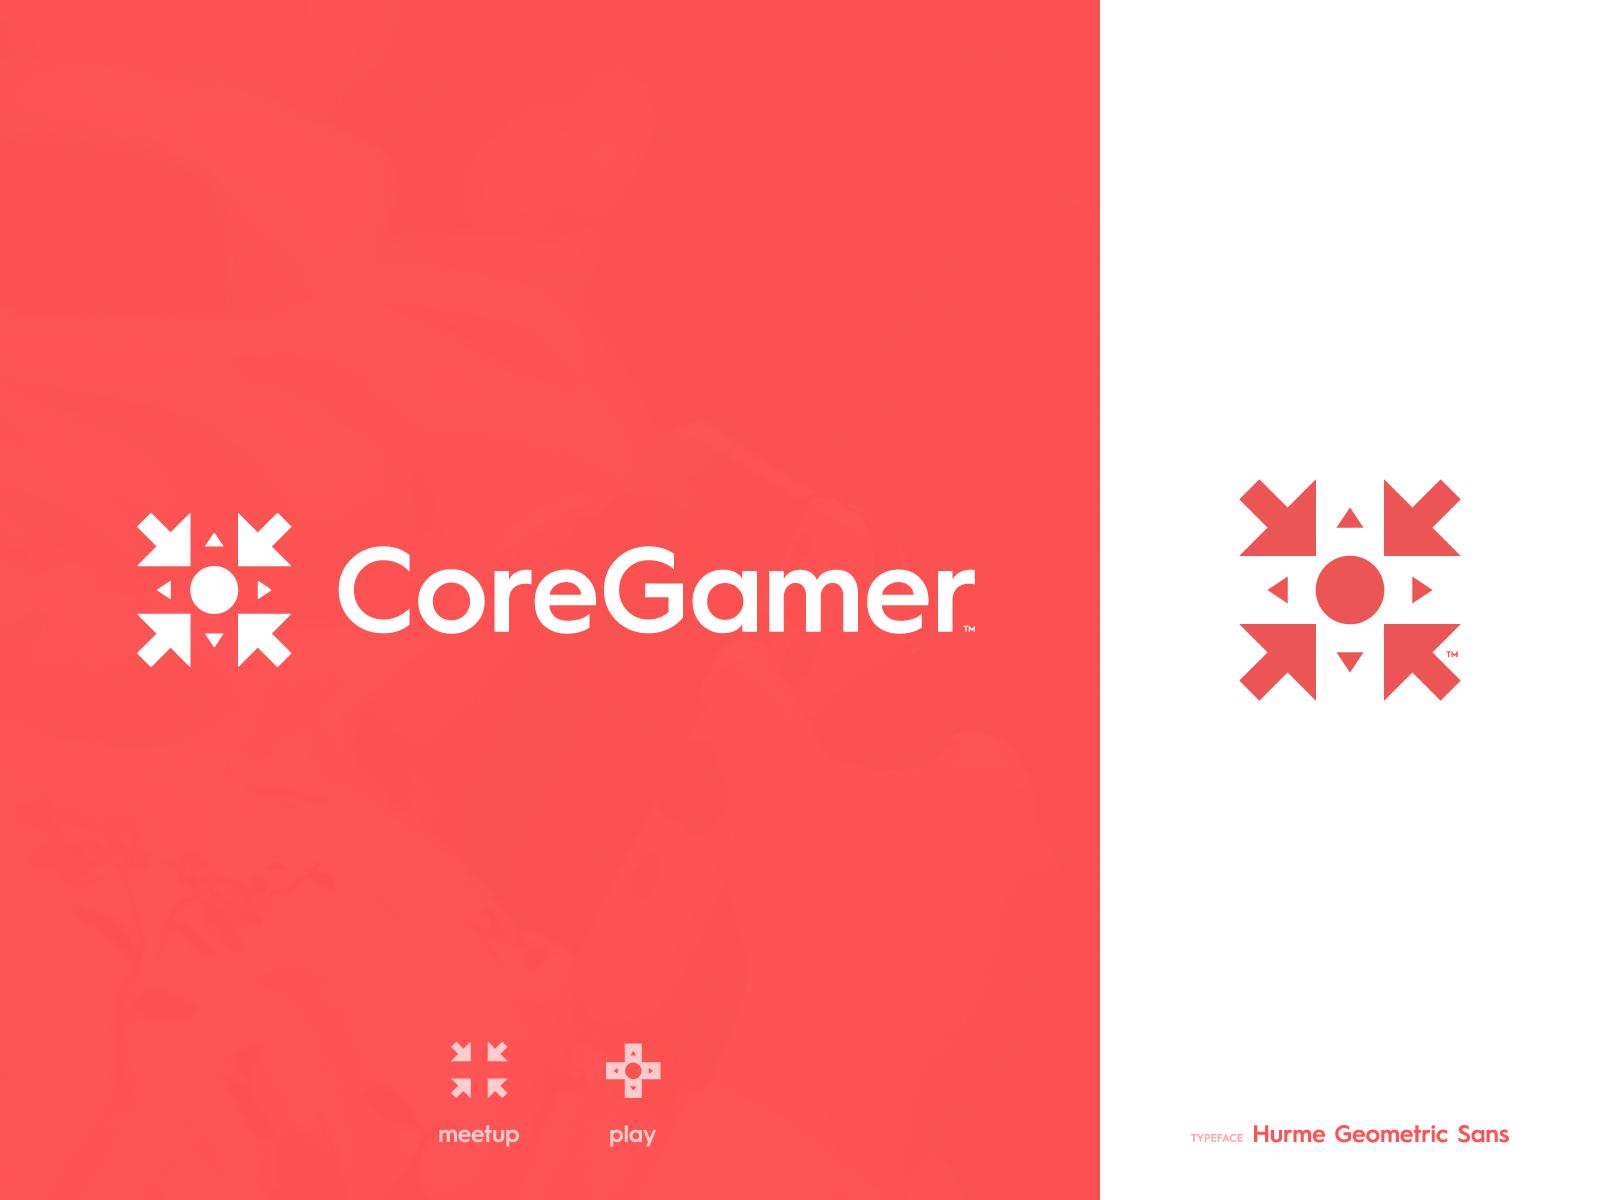 Core gamer drib